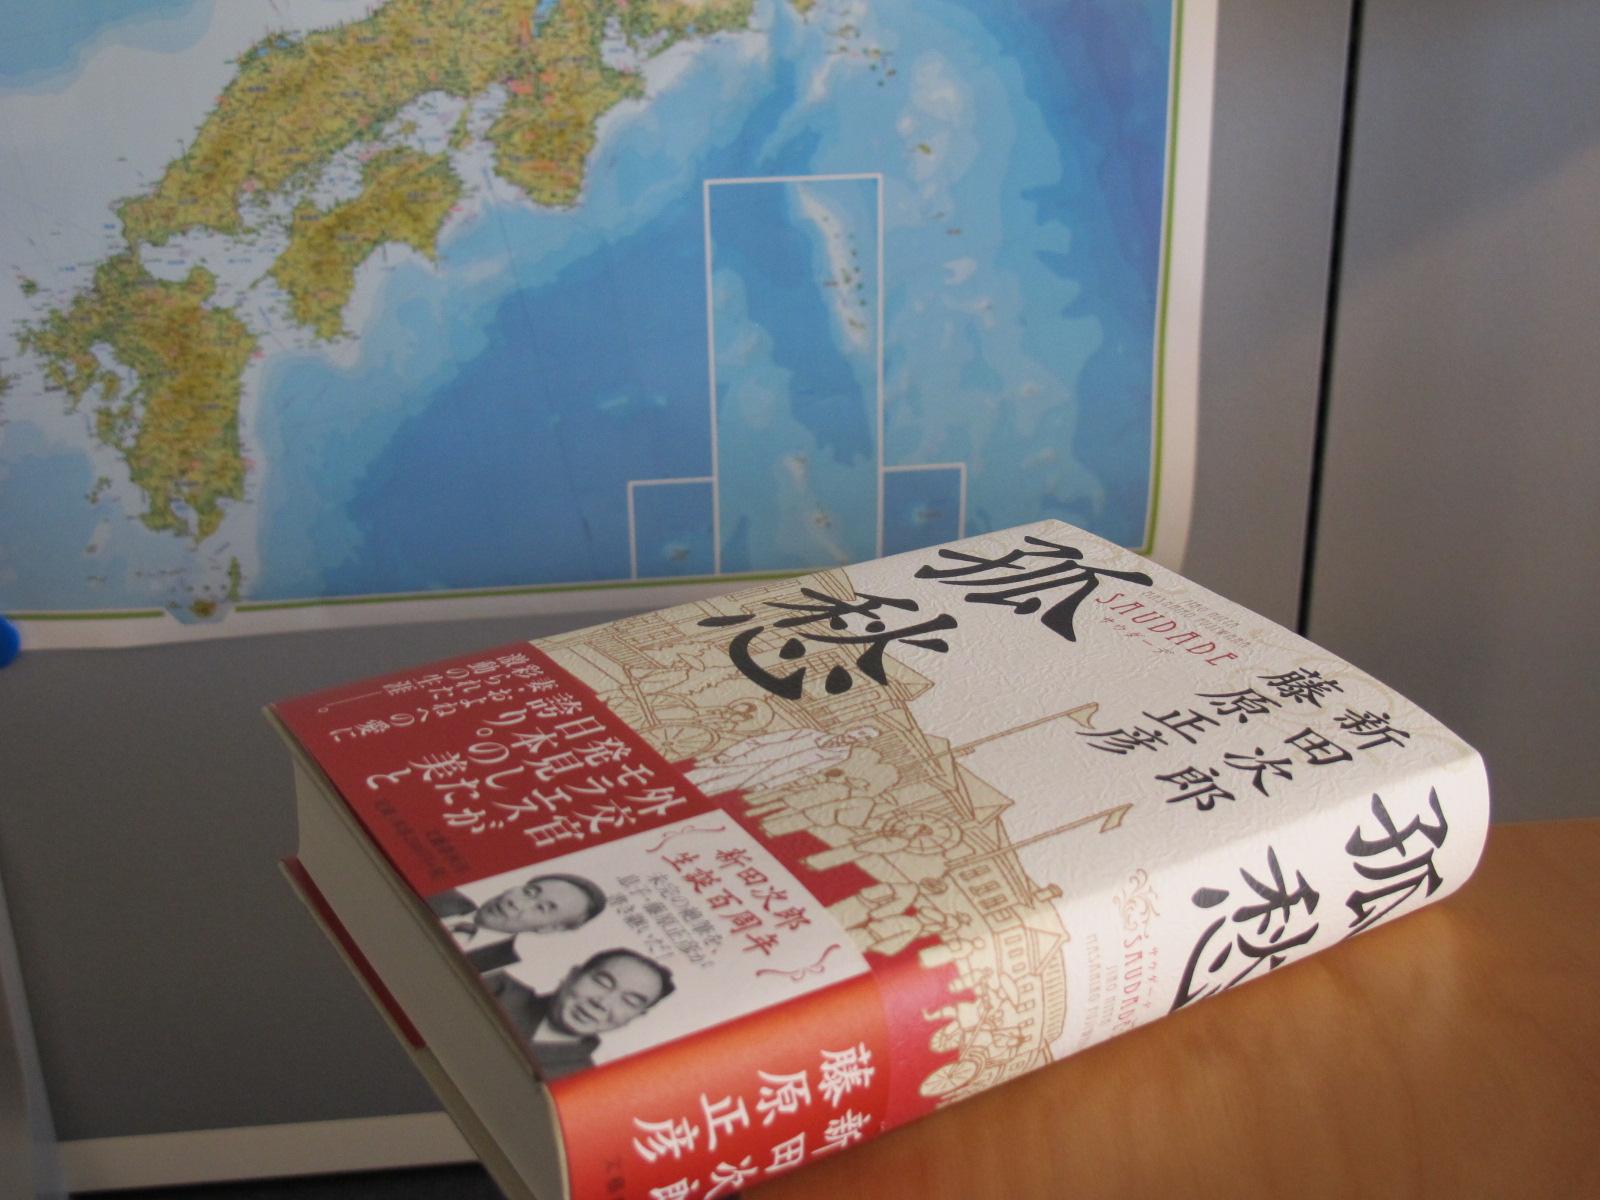 徳島と阿波女を愛したモラエス・3_c0075701_1555270.jpg